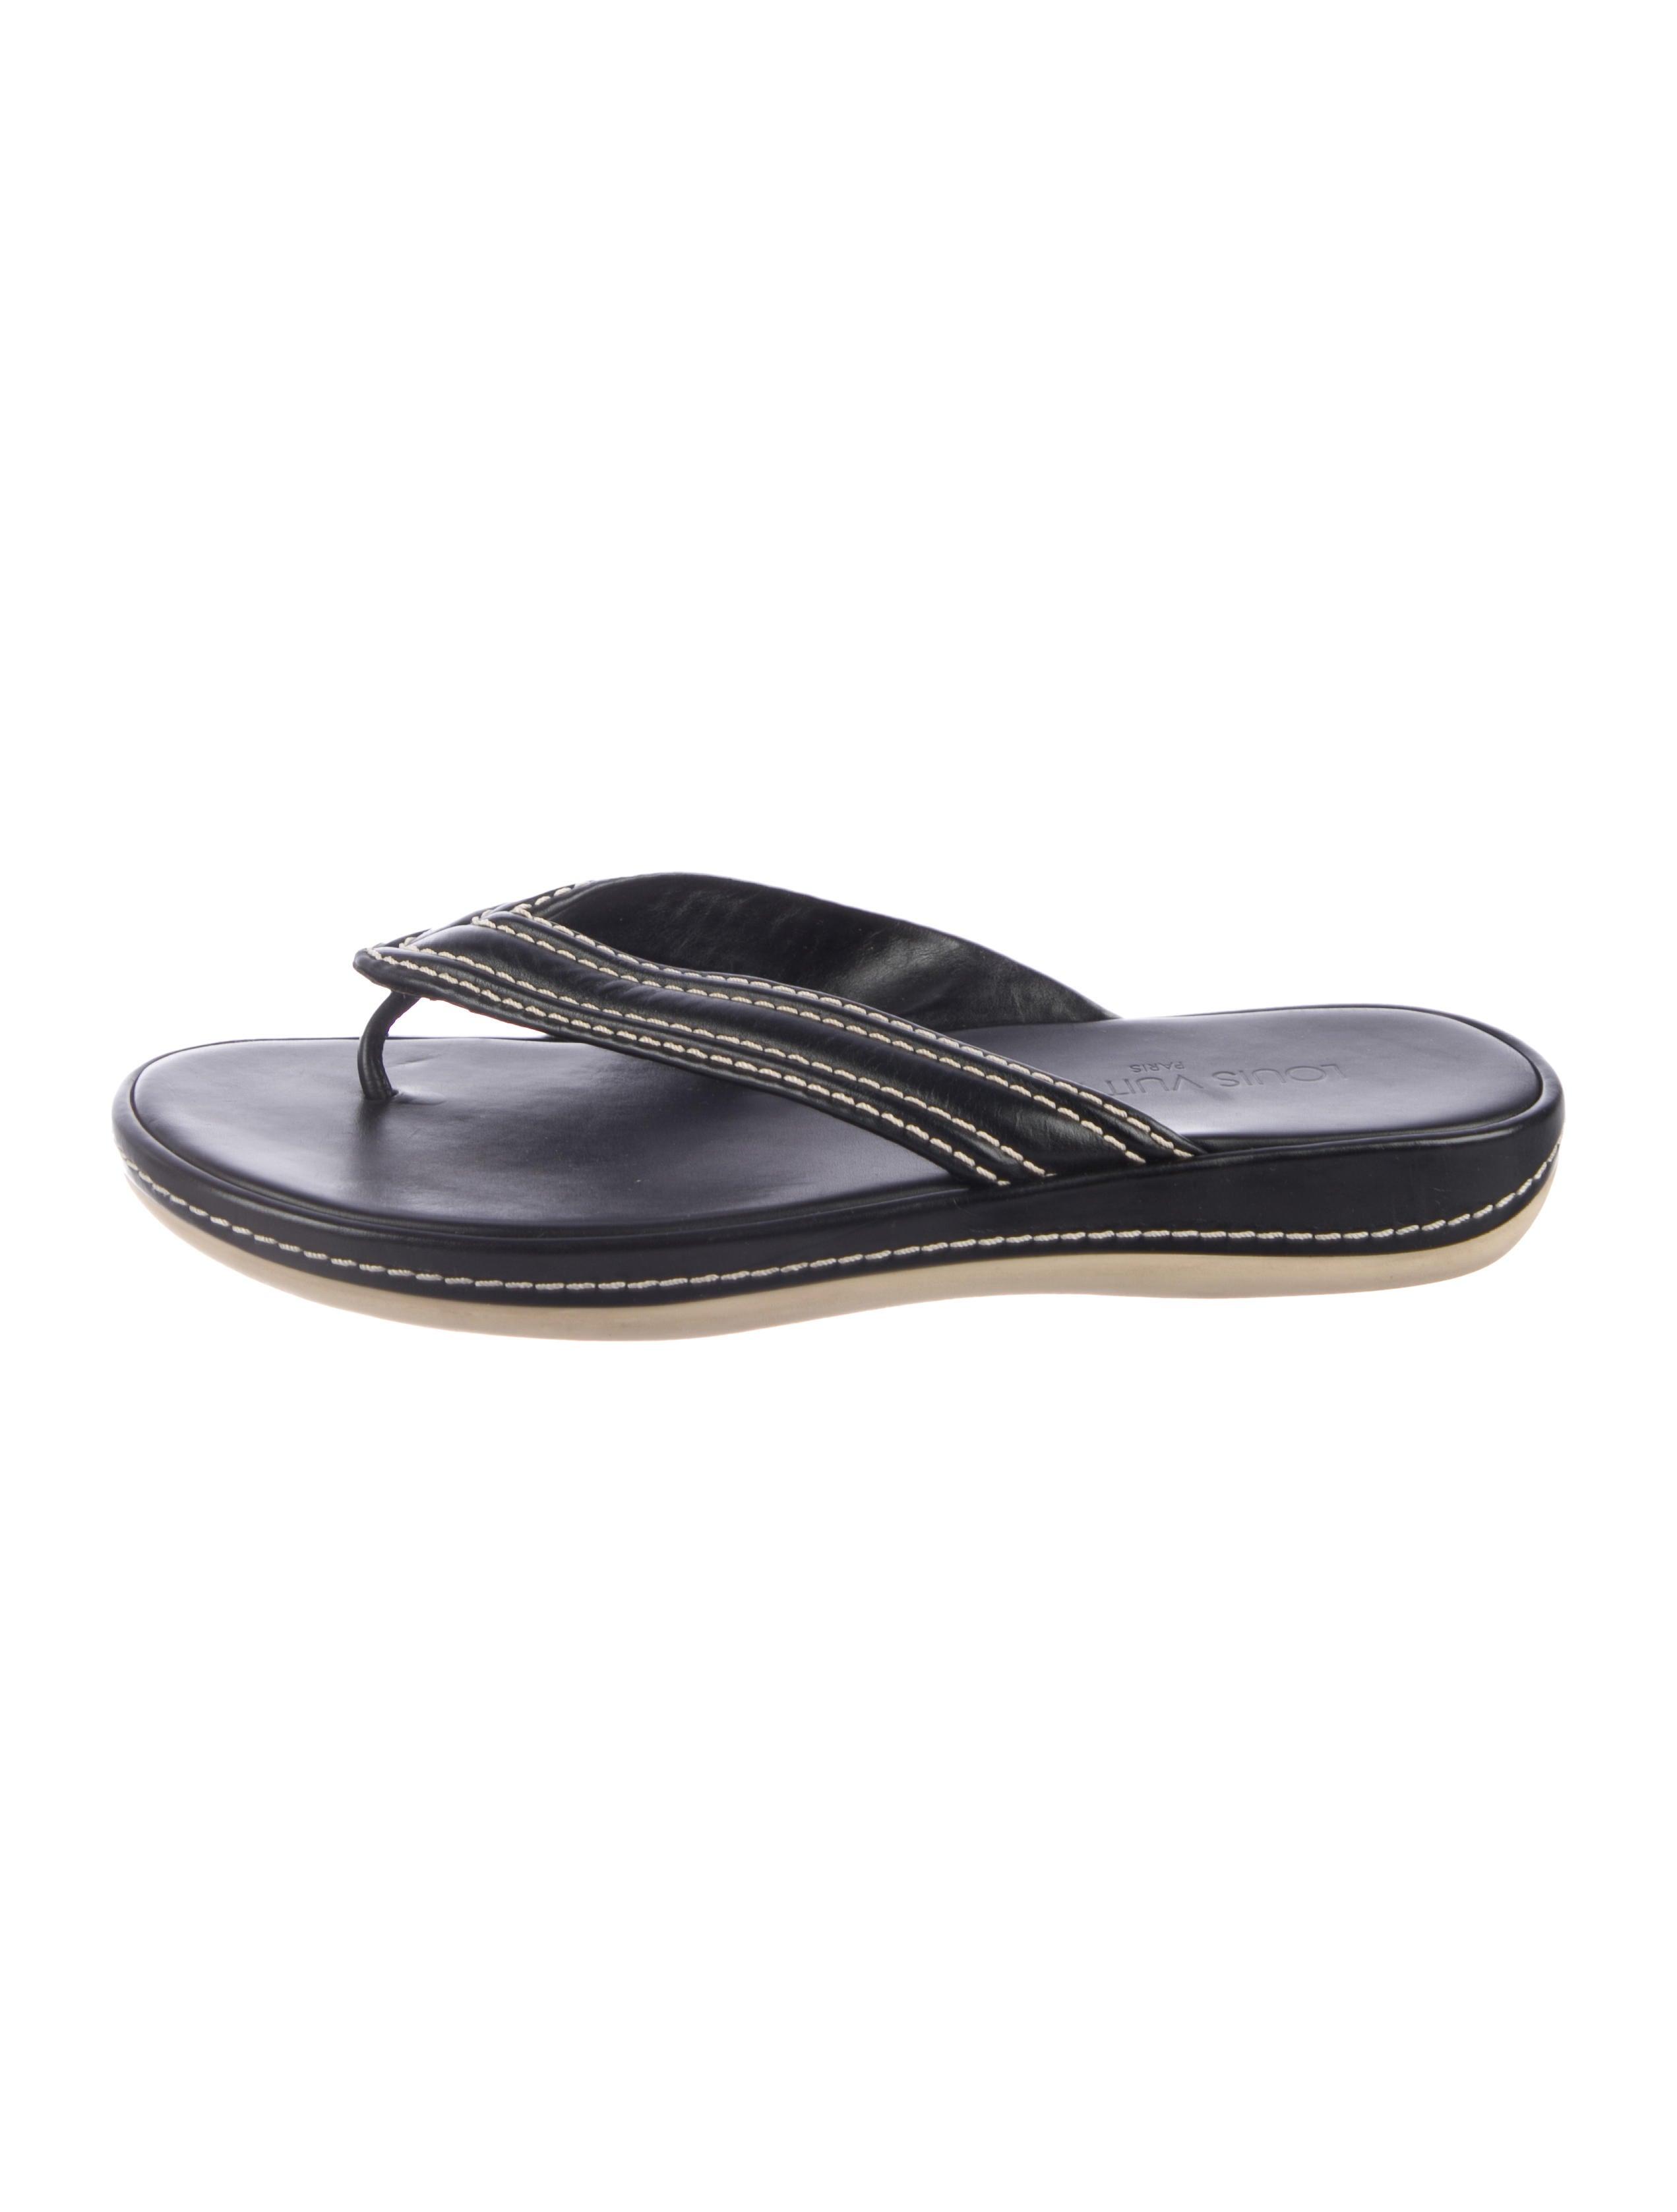 6ea249577d05 Louis Vuitton Logo Thong Sandals - Shoes - LOU213852